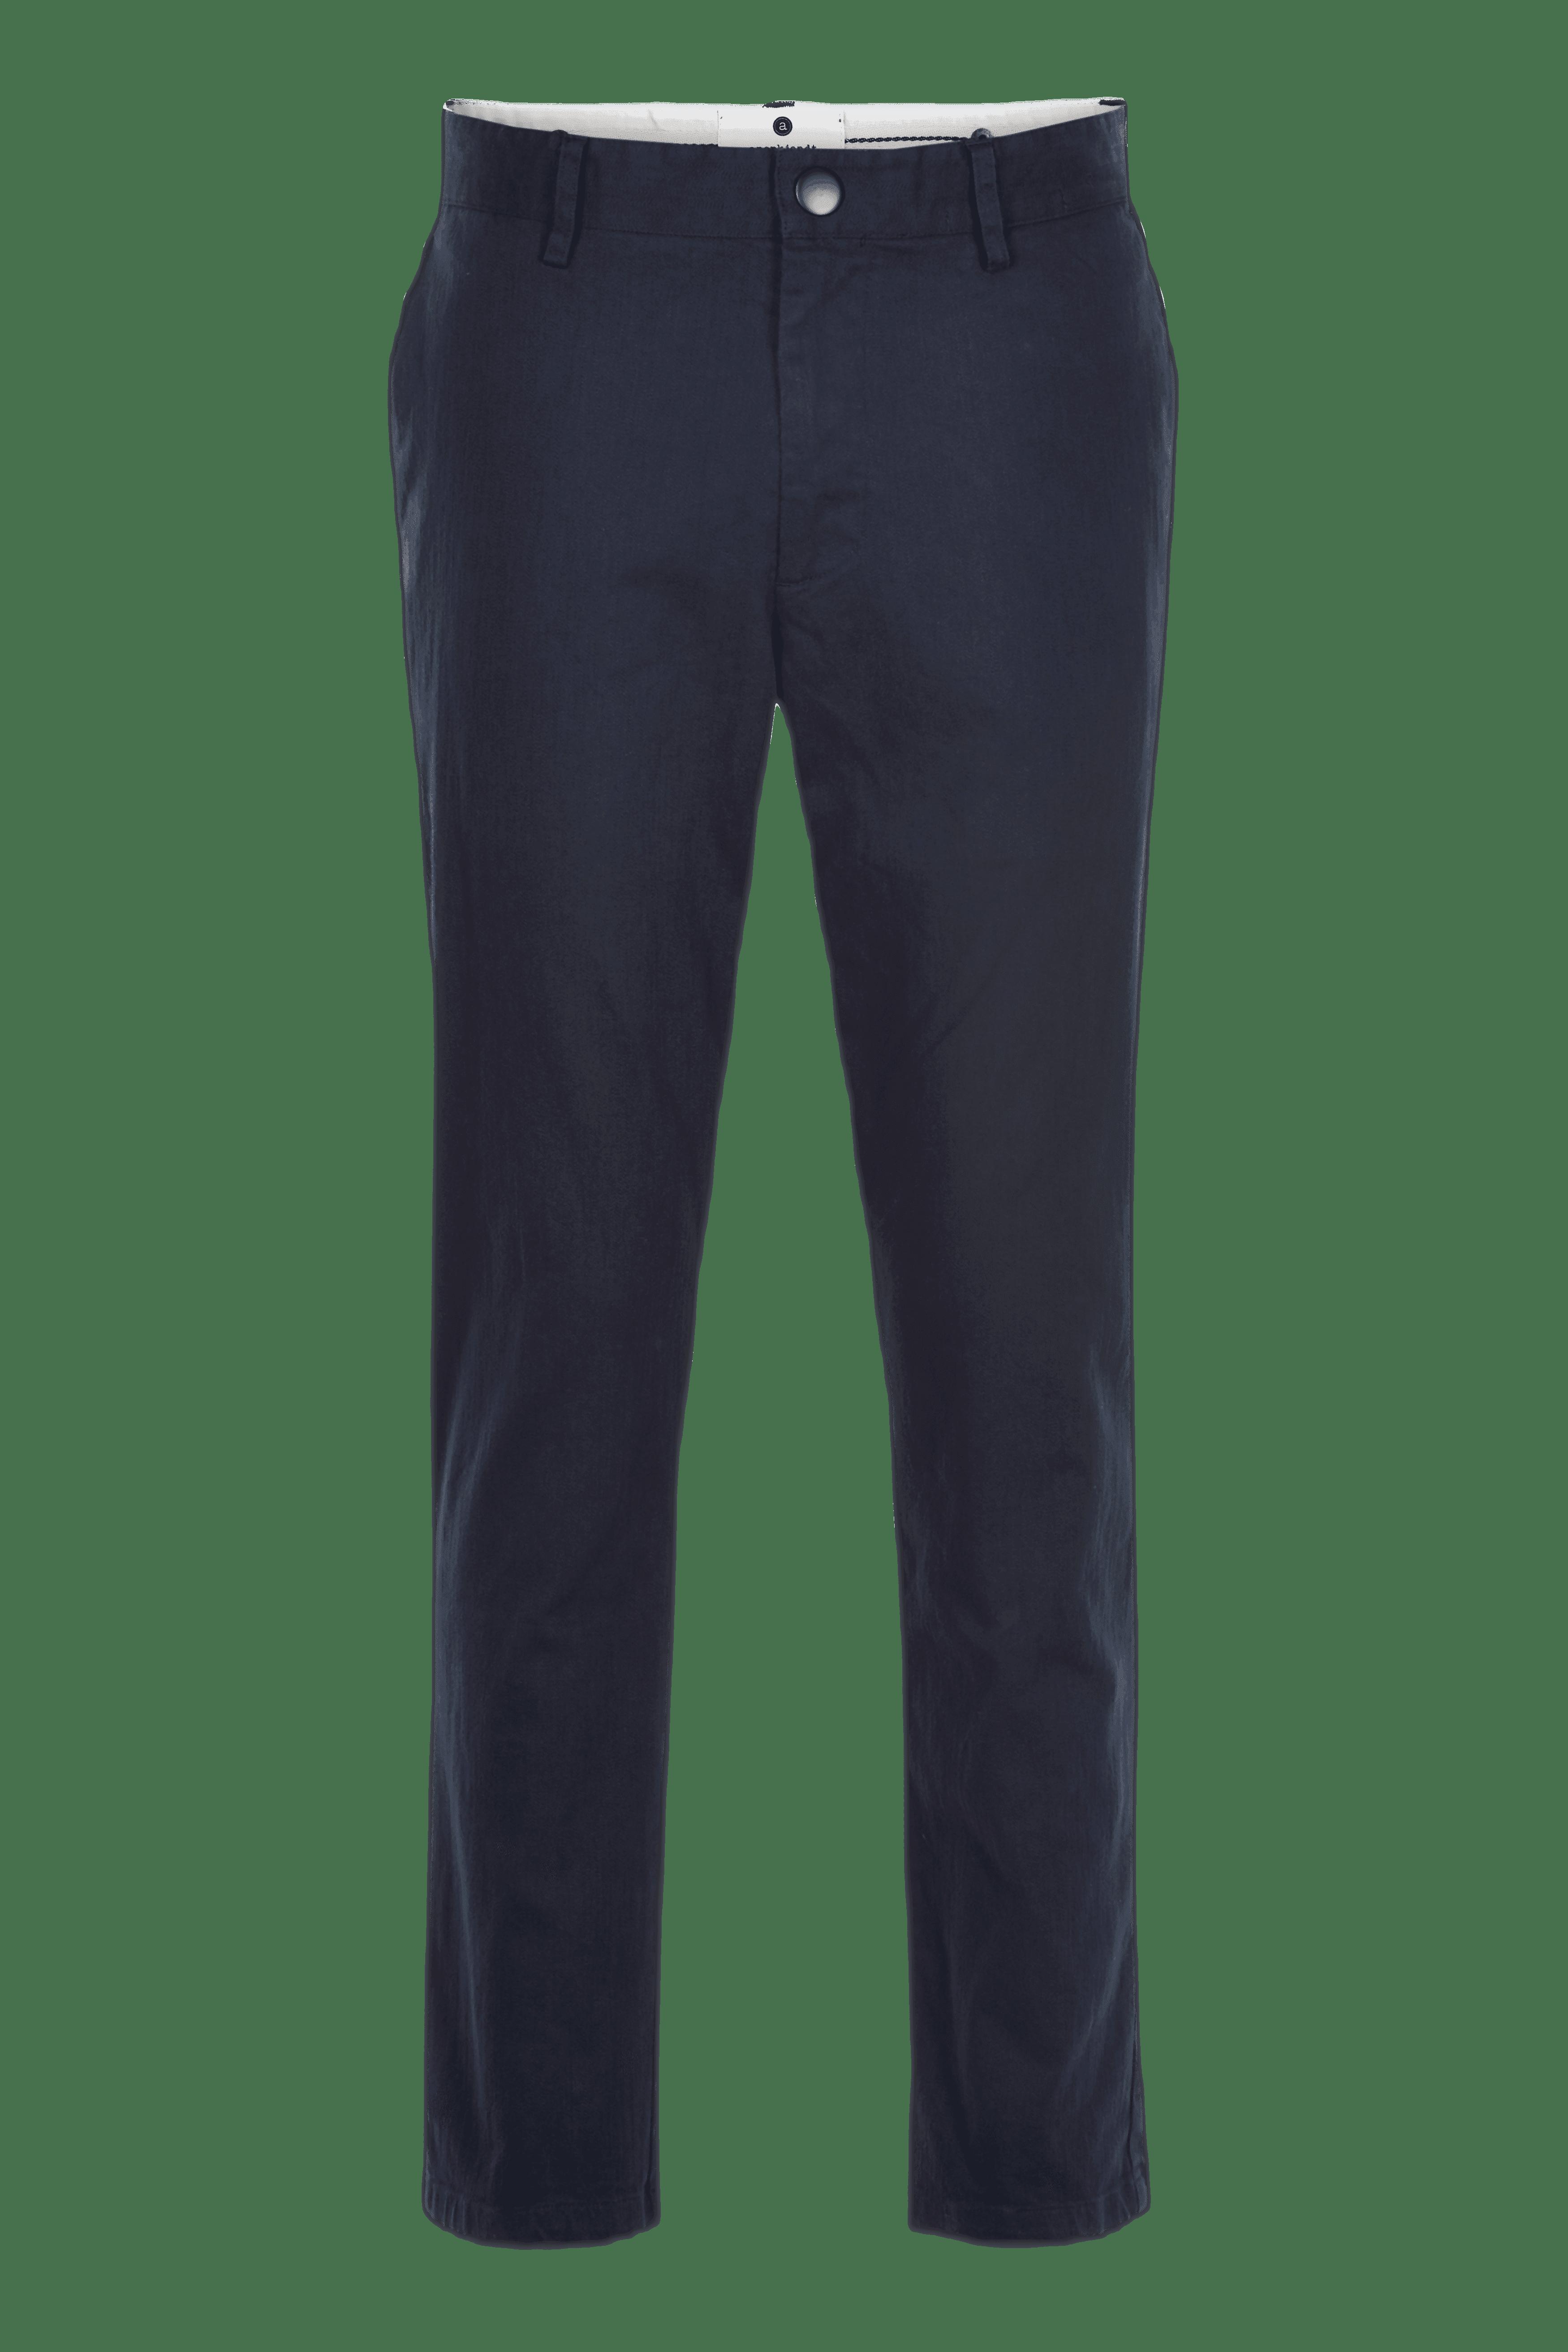 Akjohn pants - noos